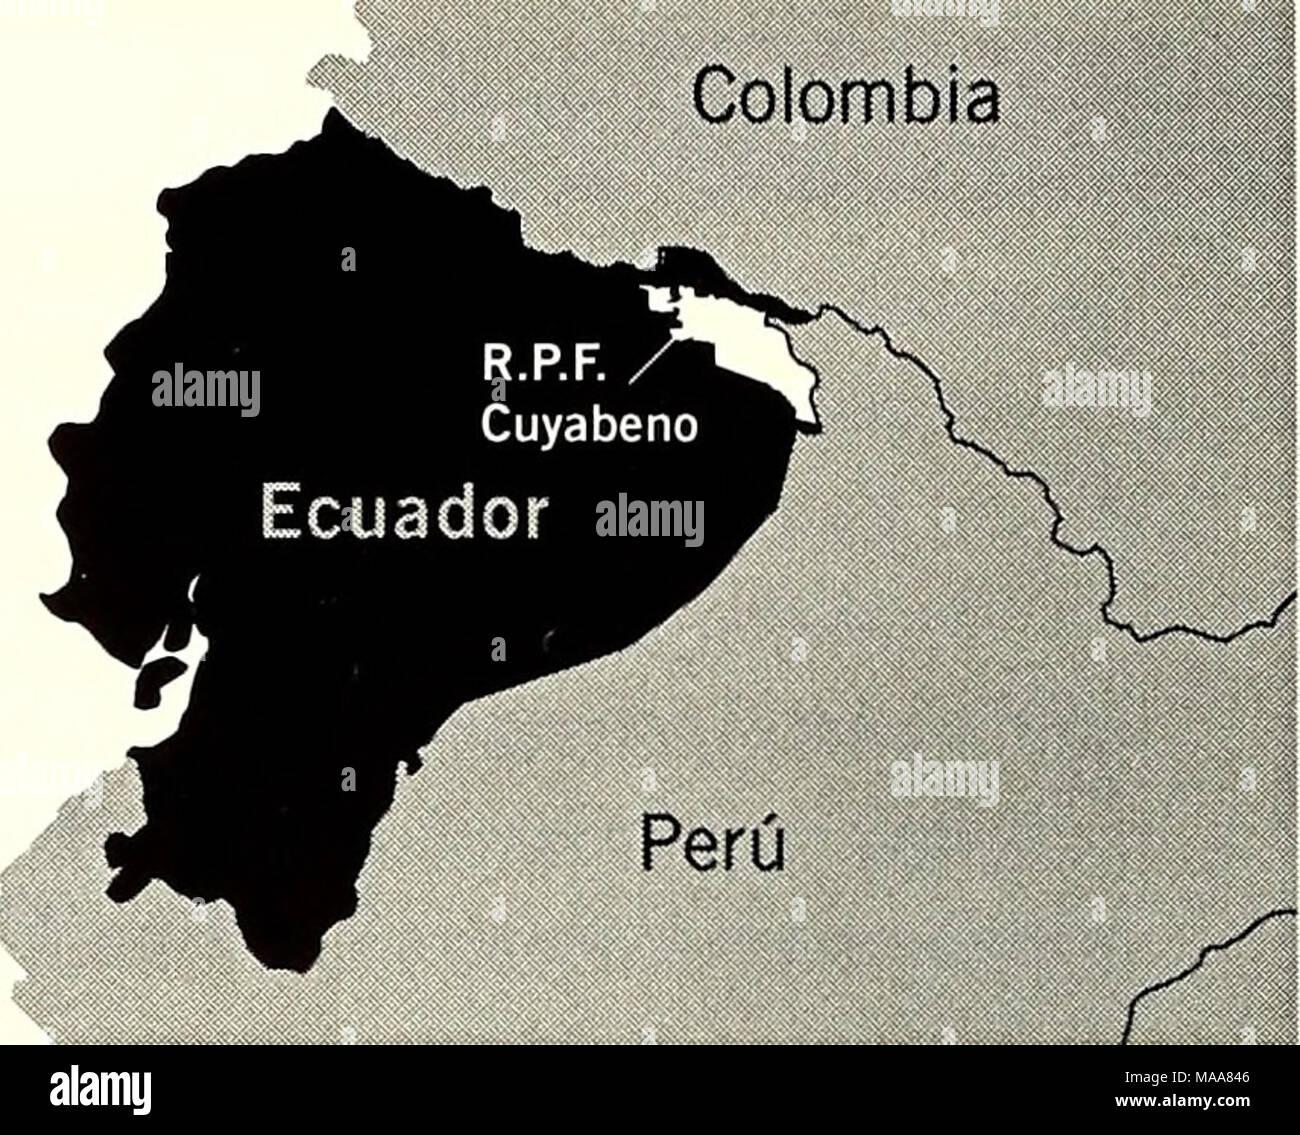 . Ecuador, Perú : Cuyabeno-Güeppí . Los bosques localizados en la remota región de la frontera trinacional de Colombia, Ecuador y Perú figuran entre los más diversos de la tierra. Nuestros descubrimientos sobrepasaron nuestras expectativas y aunque estos resultados aún necesitan ser analizados detalladamente, nos dan una idea sobre la impresionante biodiversidad del área: 1 género de planta y 13 especies (11 plantas, 2 peces) son nuevos para la ciencia. Adicionalmente, 4 géneros de plantas y 22 especies de plantas y peces nunca habían sido registradas para Ecuador. En la página siguiente, pres - Stock Image